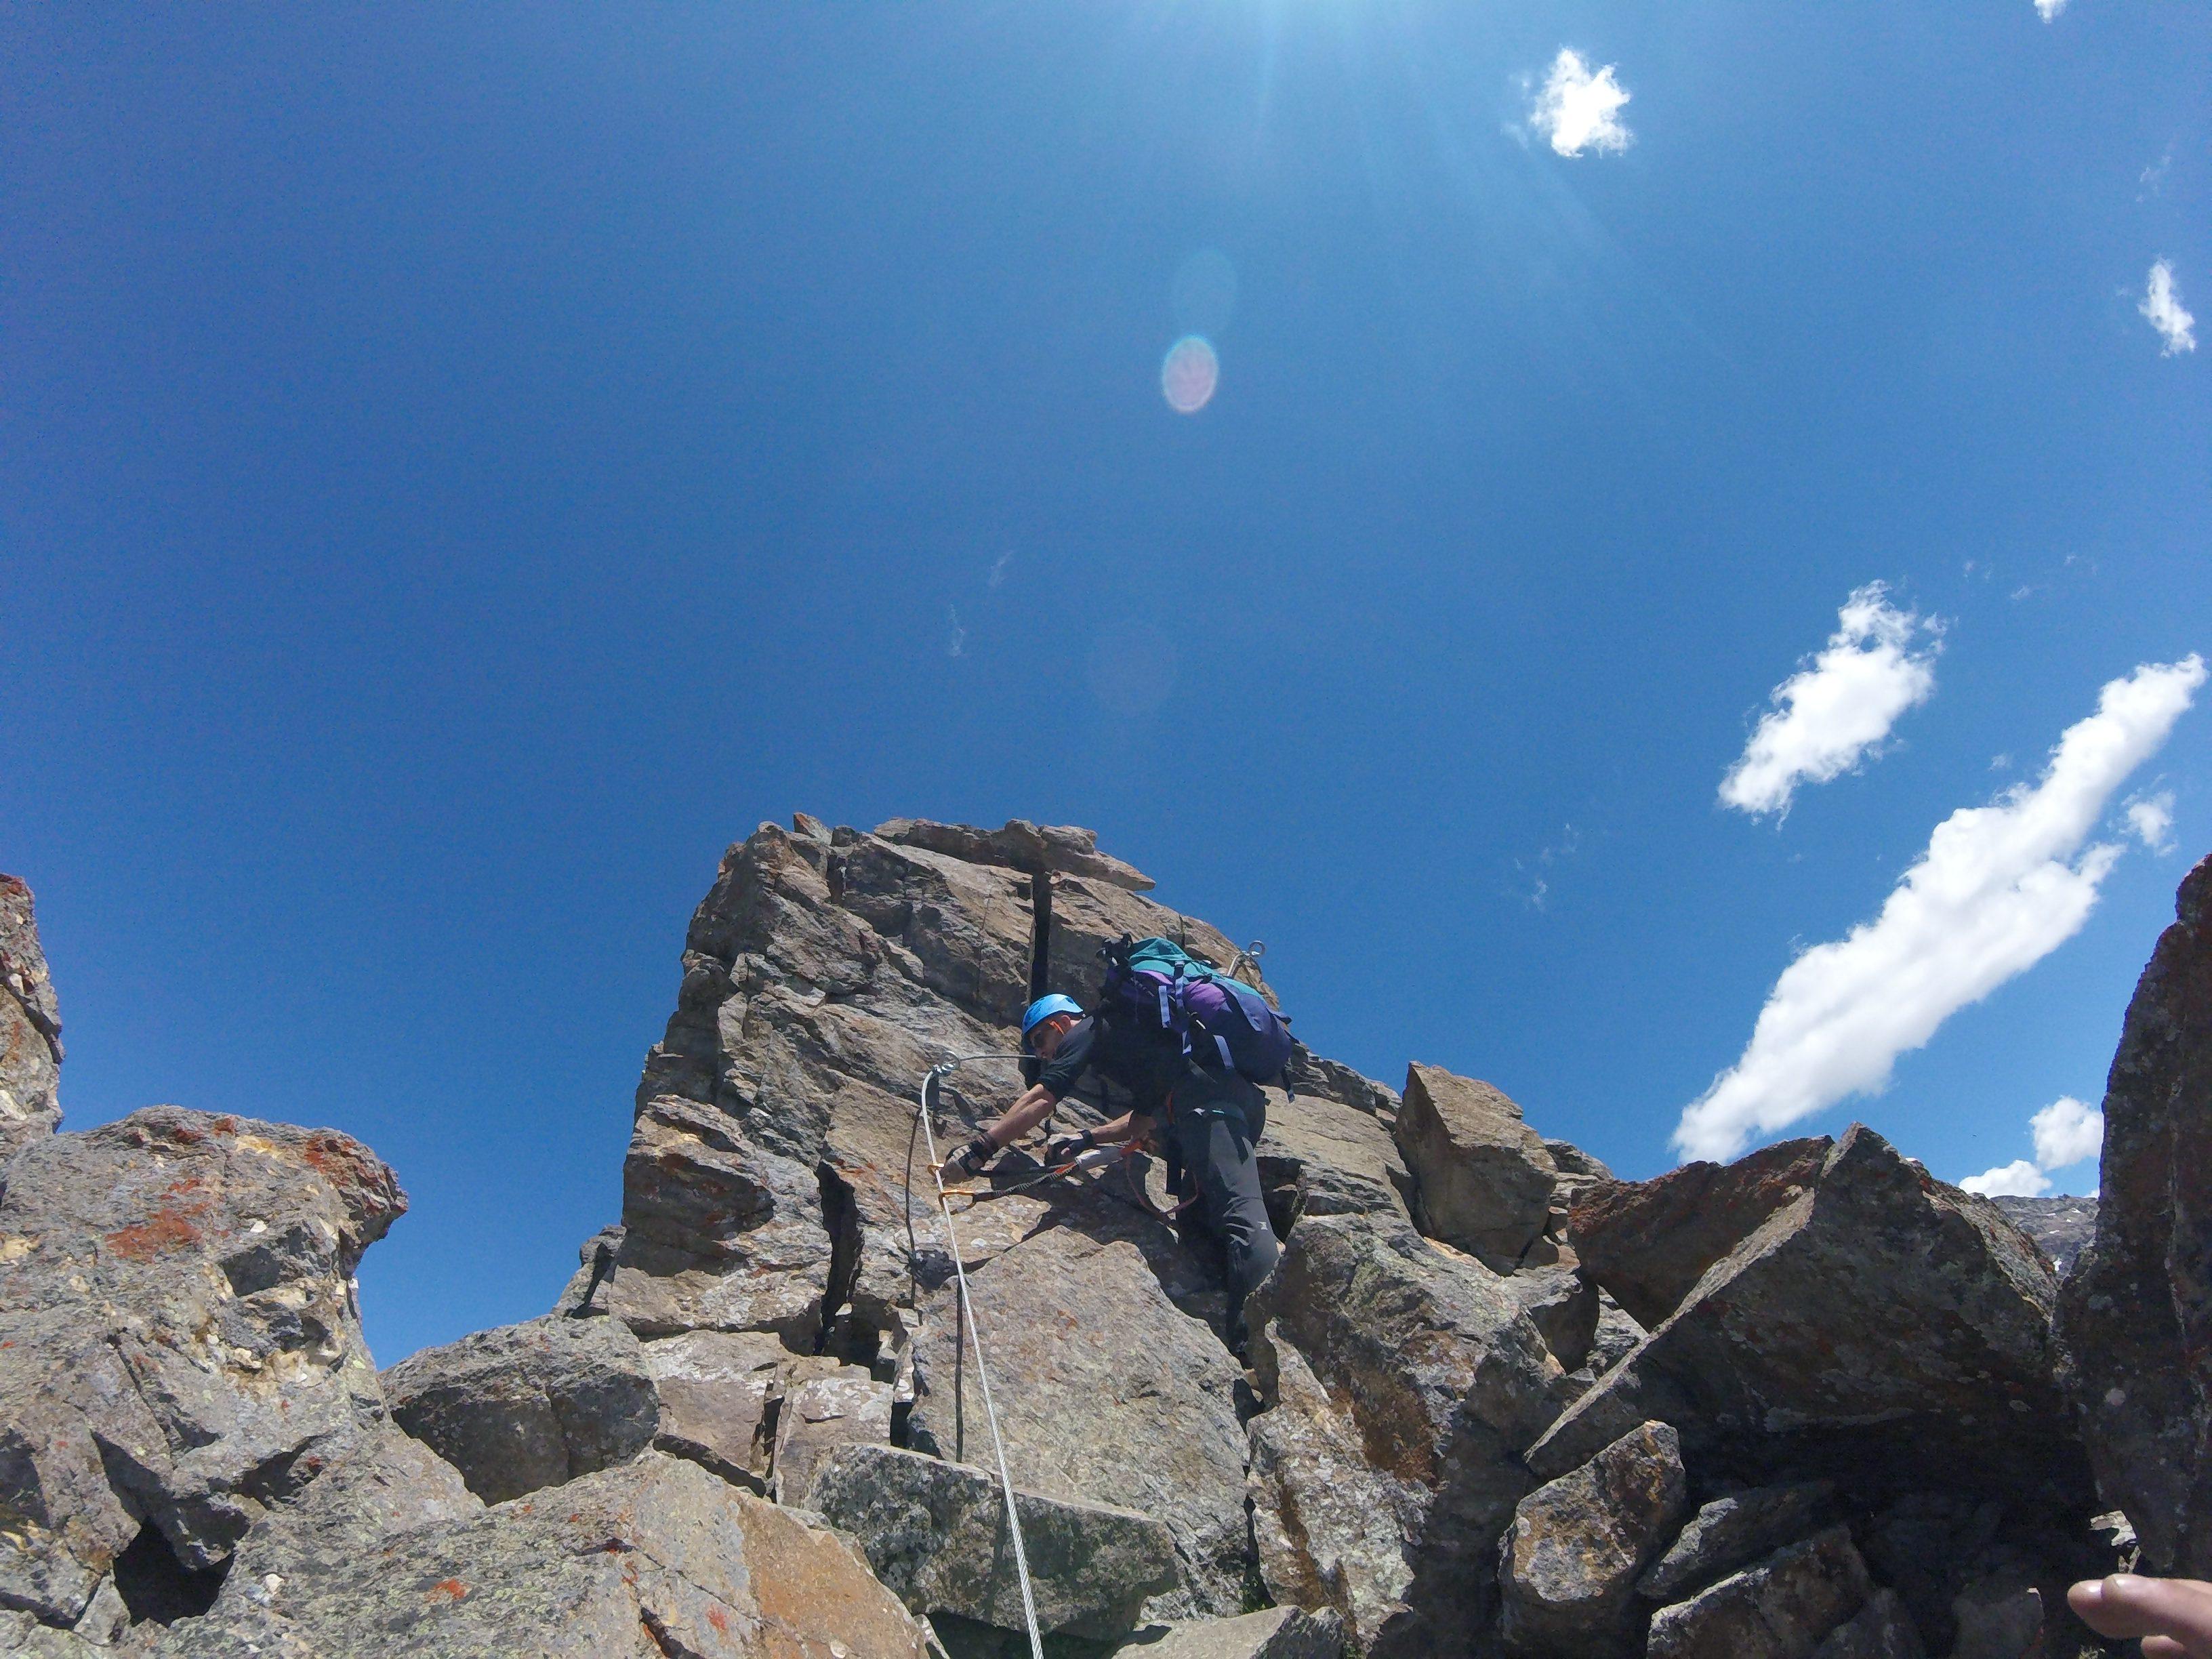 Op weg naar de top van de Monte Emilius